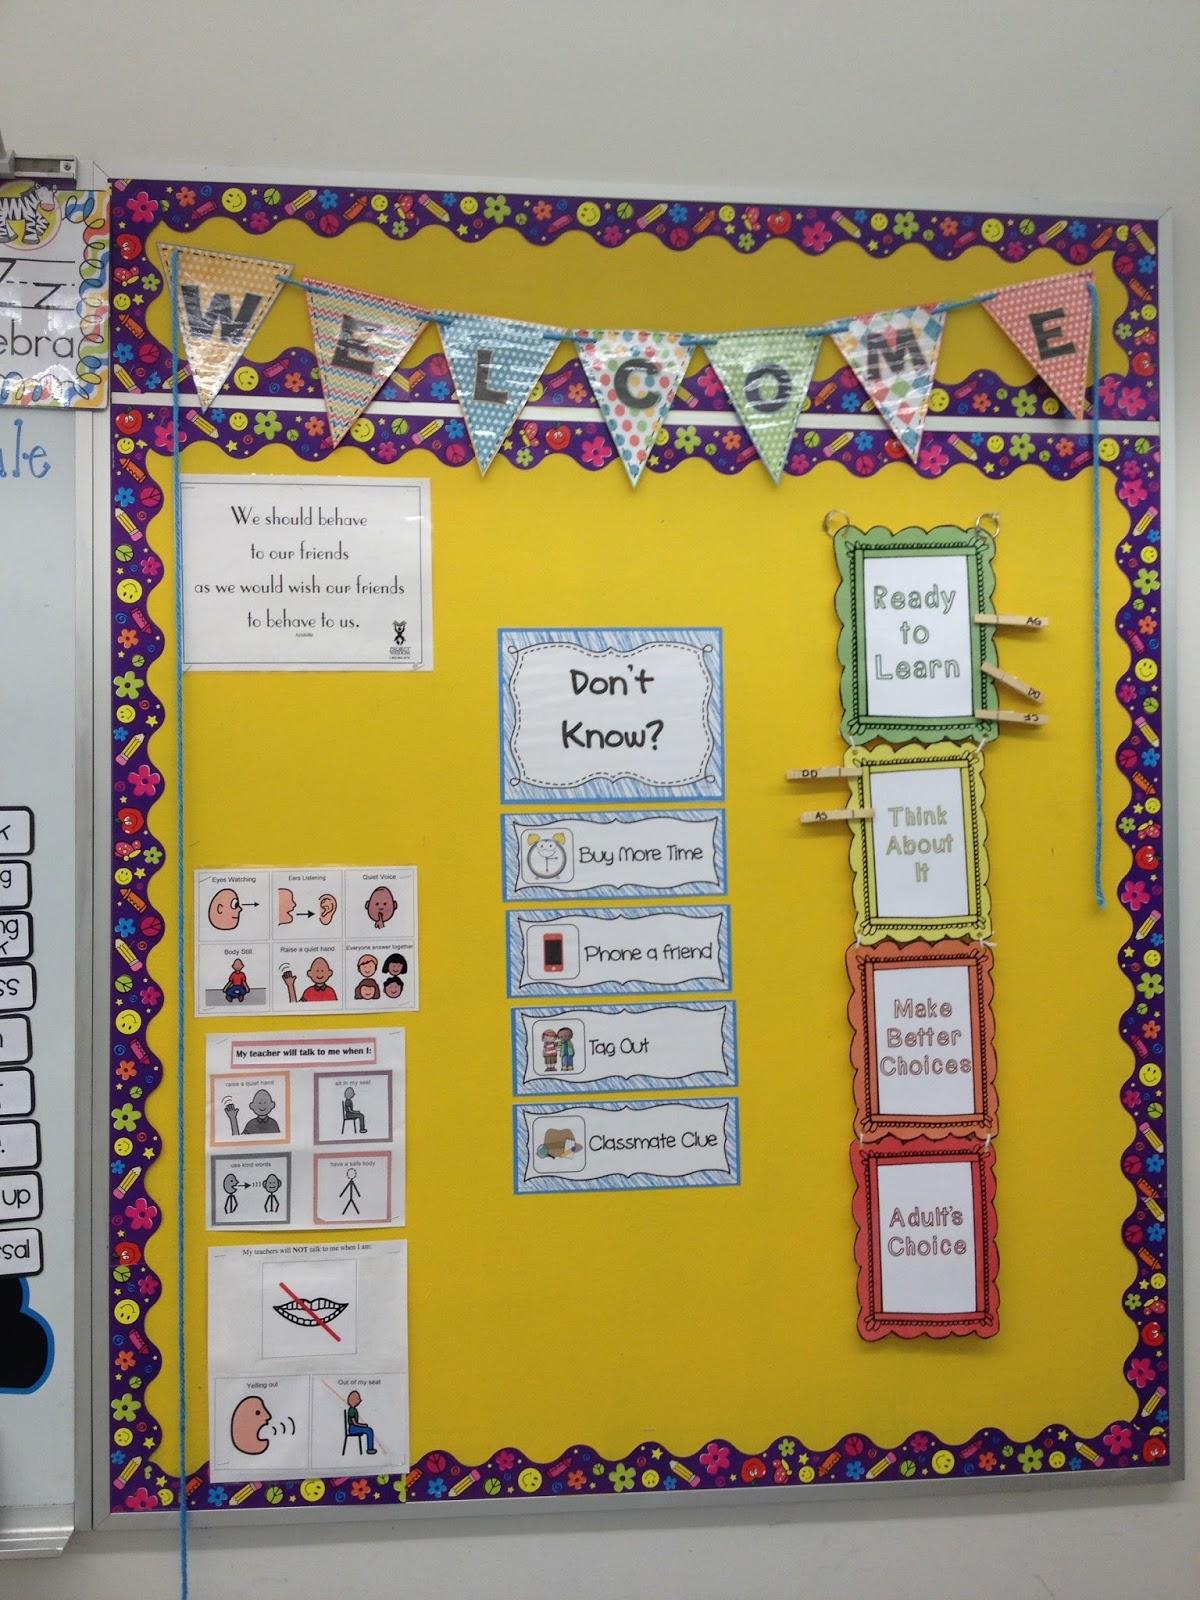 Student behavior quotes quotesgram - Student Behavior Quotes Quotesgram 32